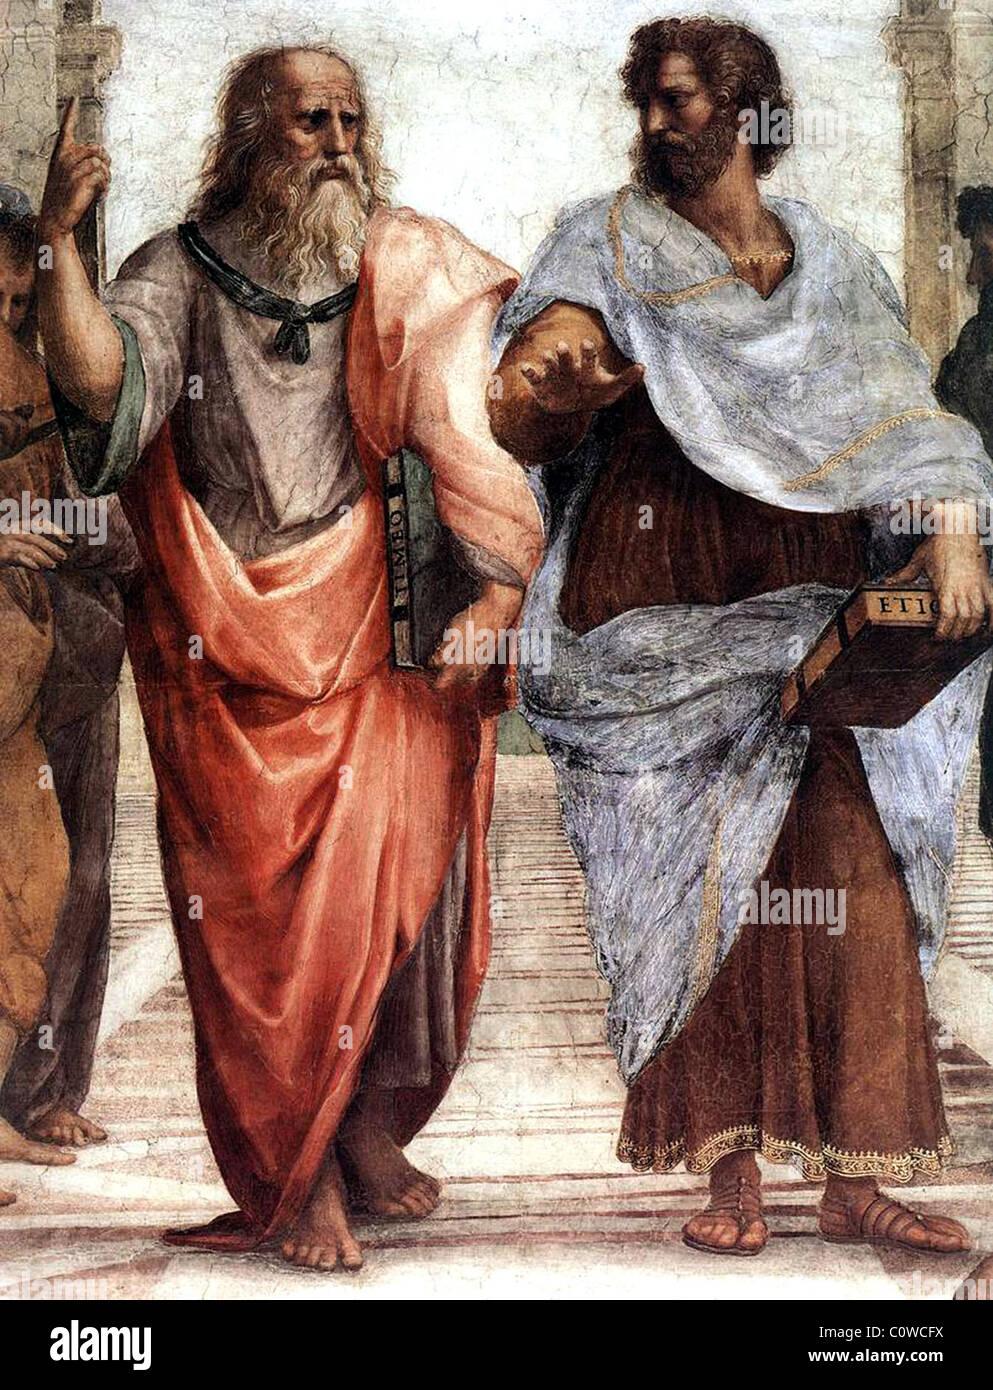 Plato (sinistra) e Aristotele. Immagini Stock